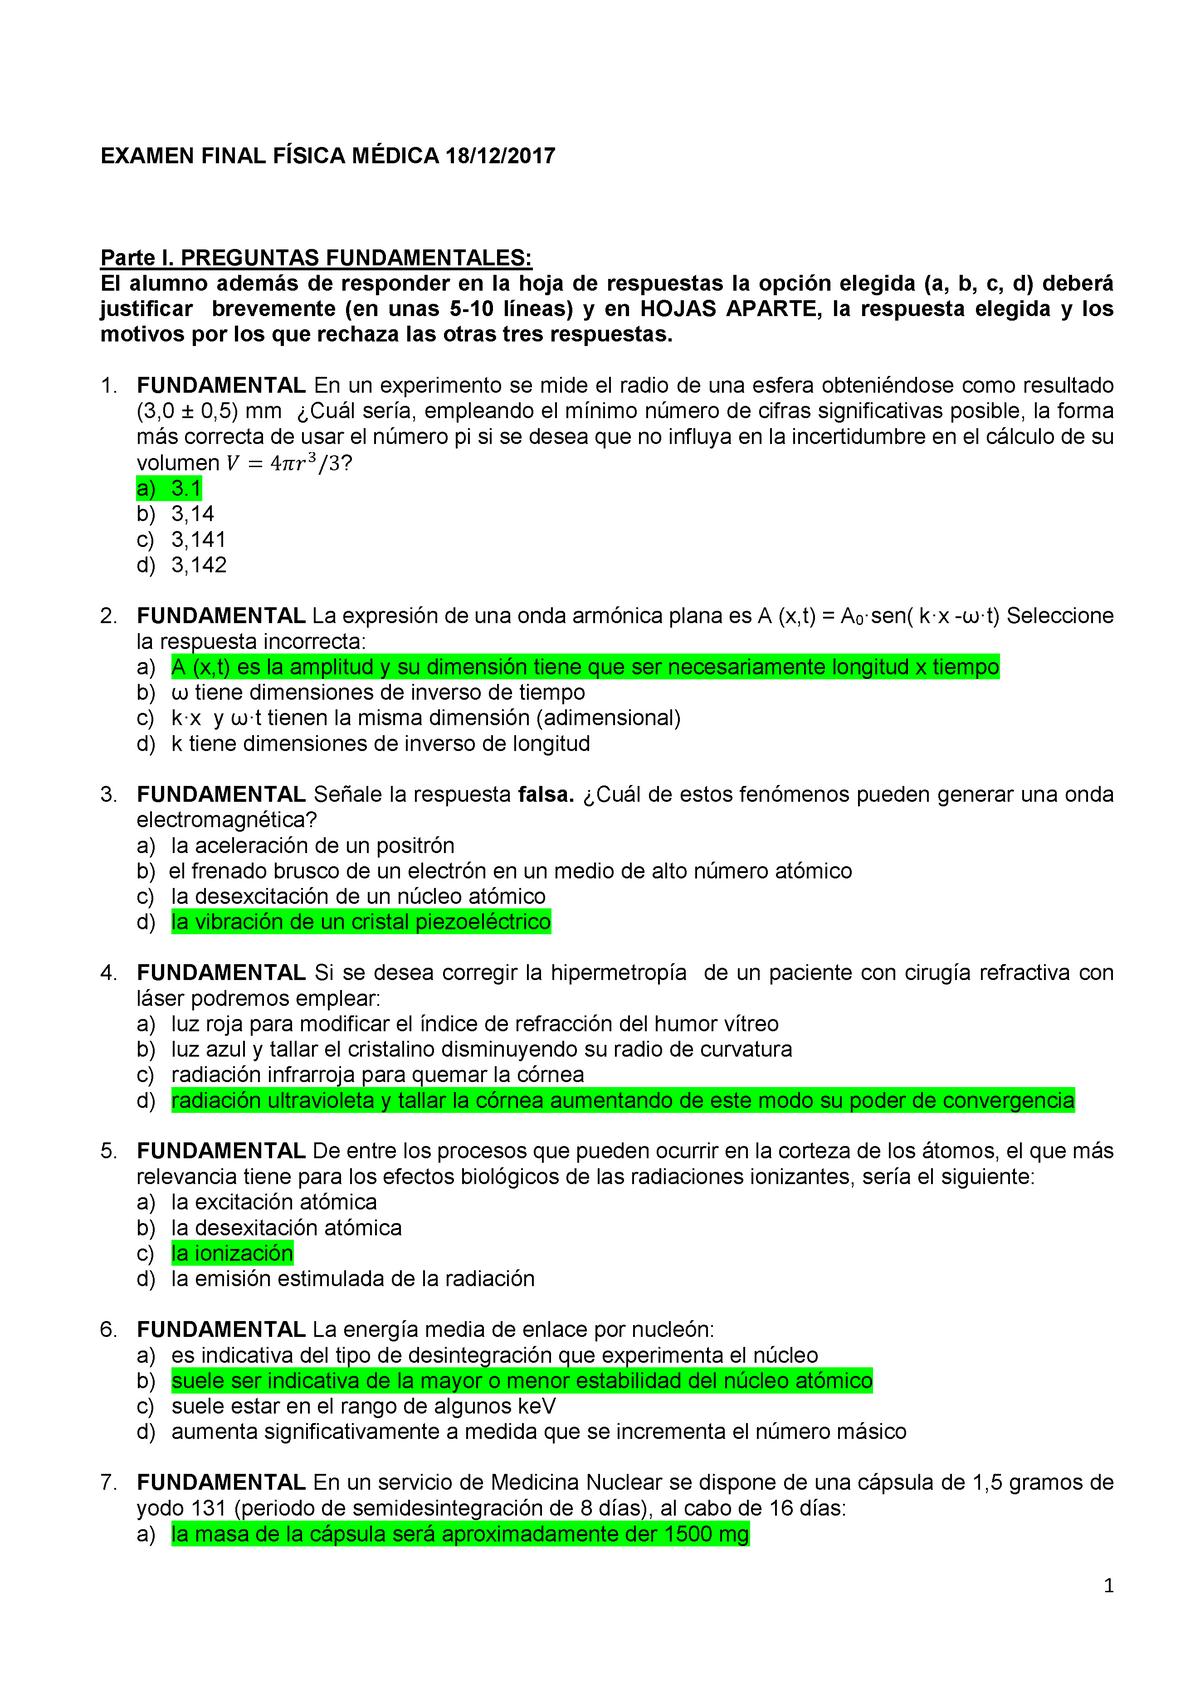 Examen 18 Diciembre 2017 Preguntas Y Respuestas Studocu